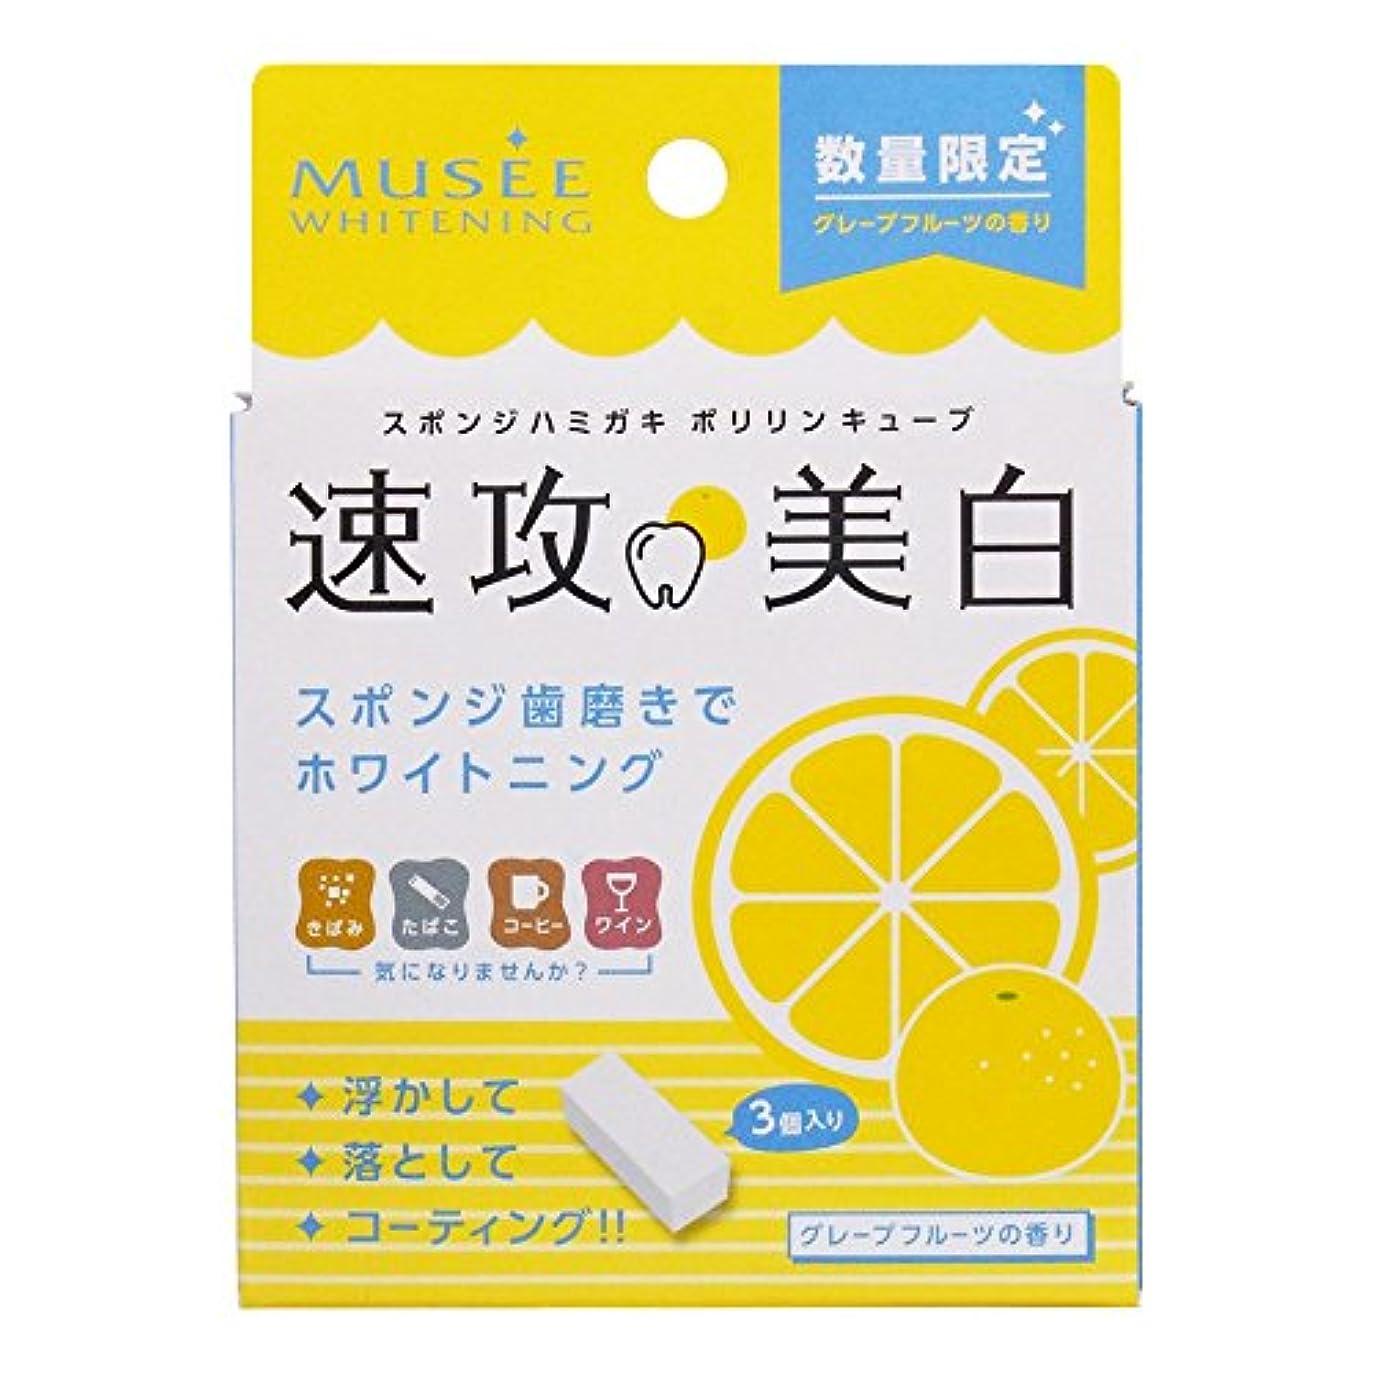 虹チキン怖いミュゼホワイトニング ポリリンキューブ グレープフルーツの香り (1回分×3包)